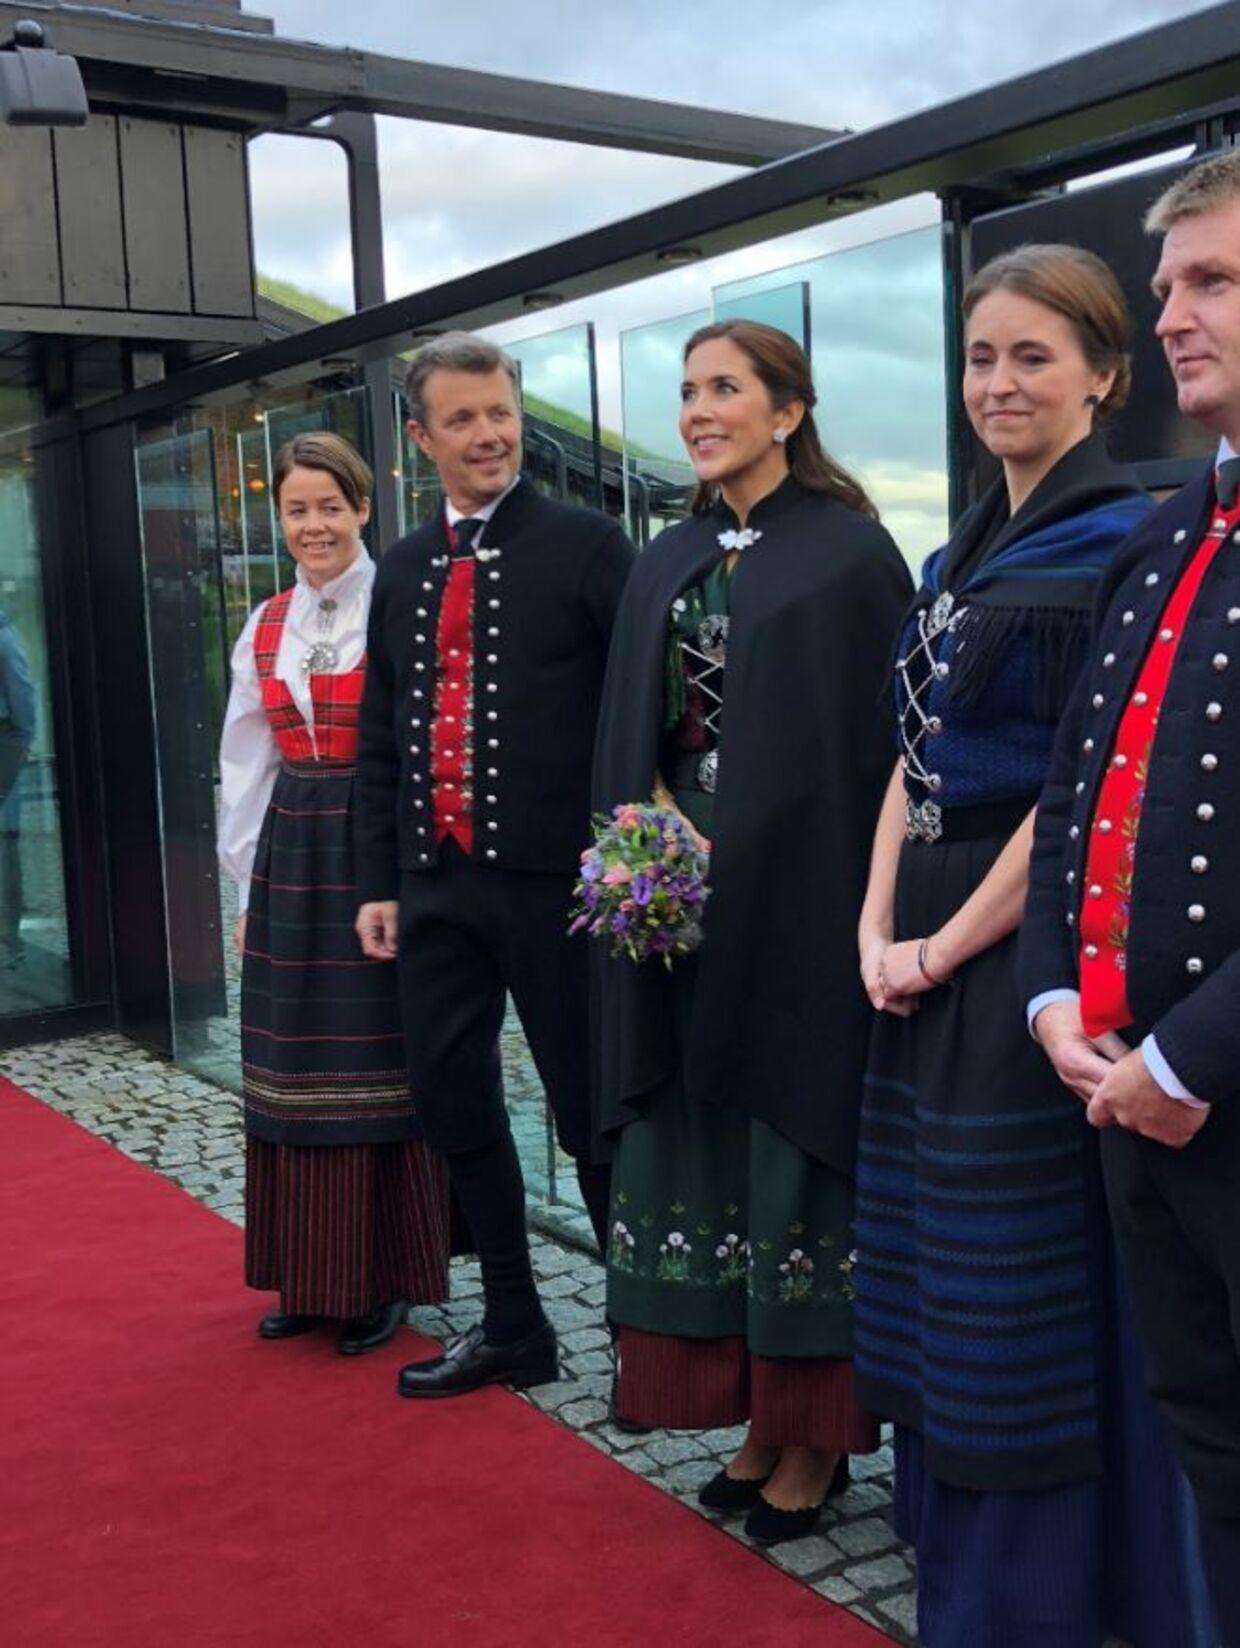 Kronprinsparret ankom torsdag aften til festmiddag i Nordens Hus i Tórshavn.